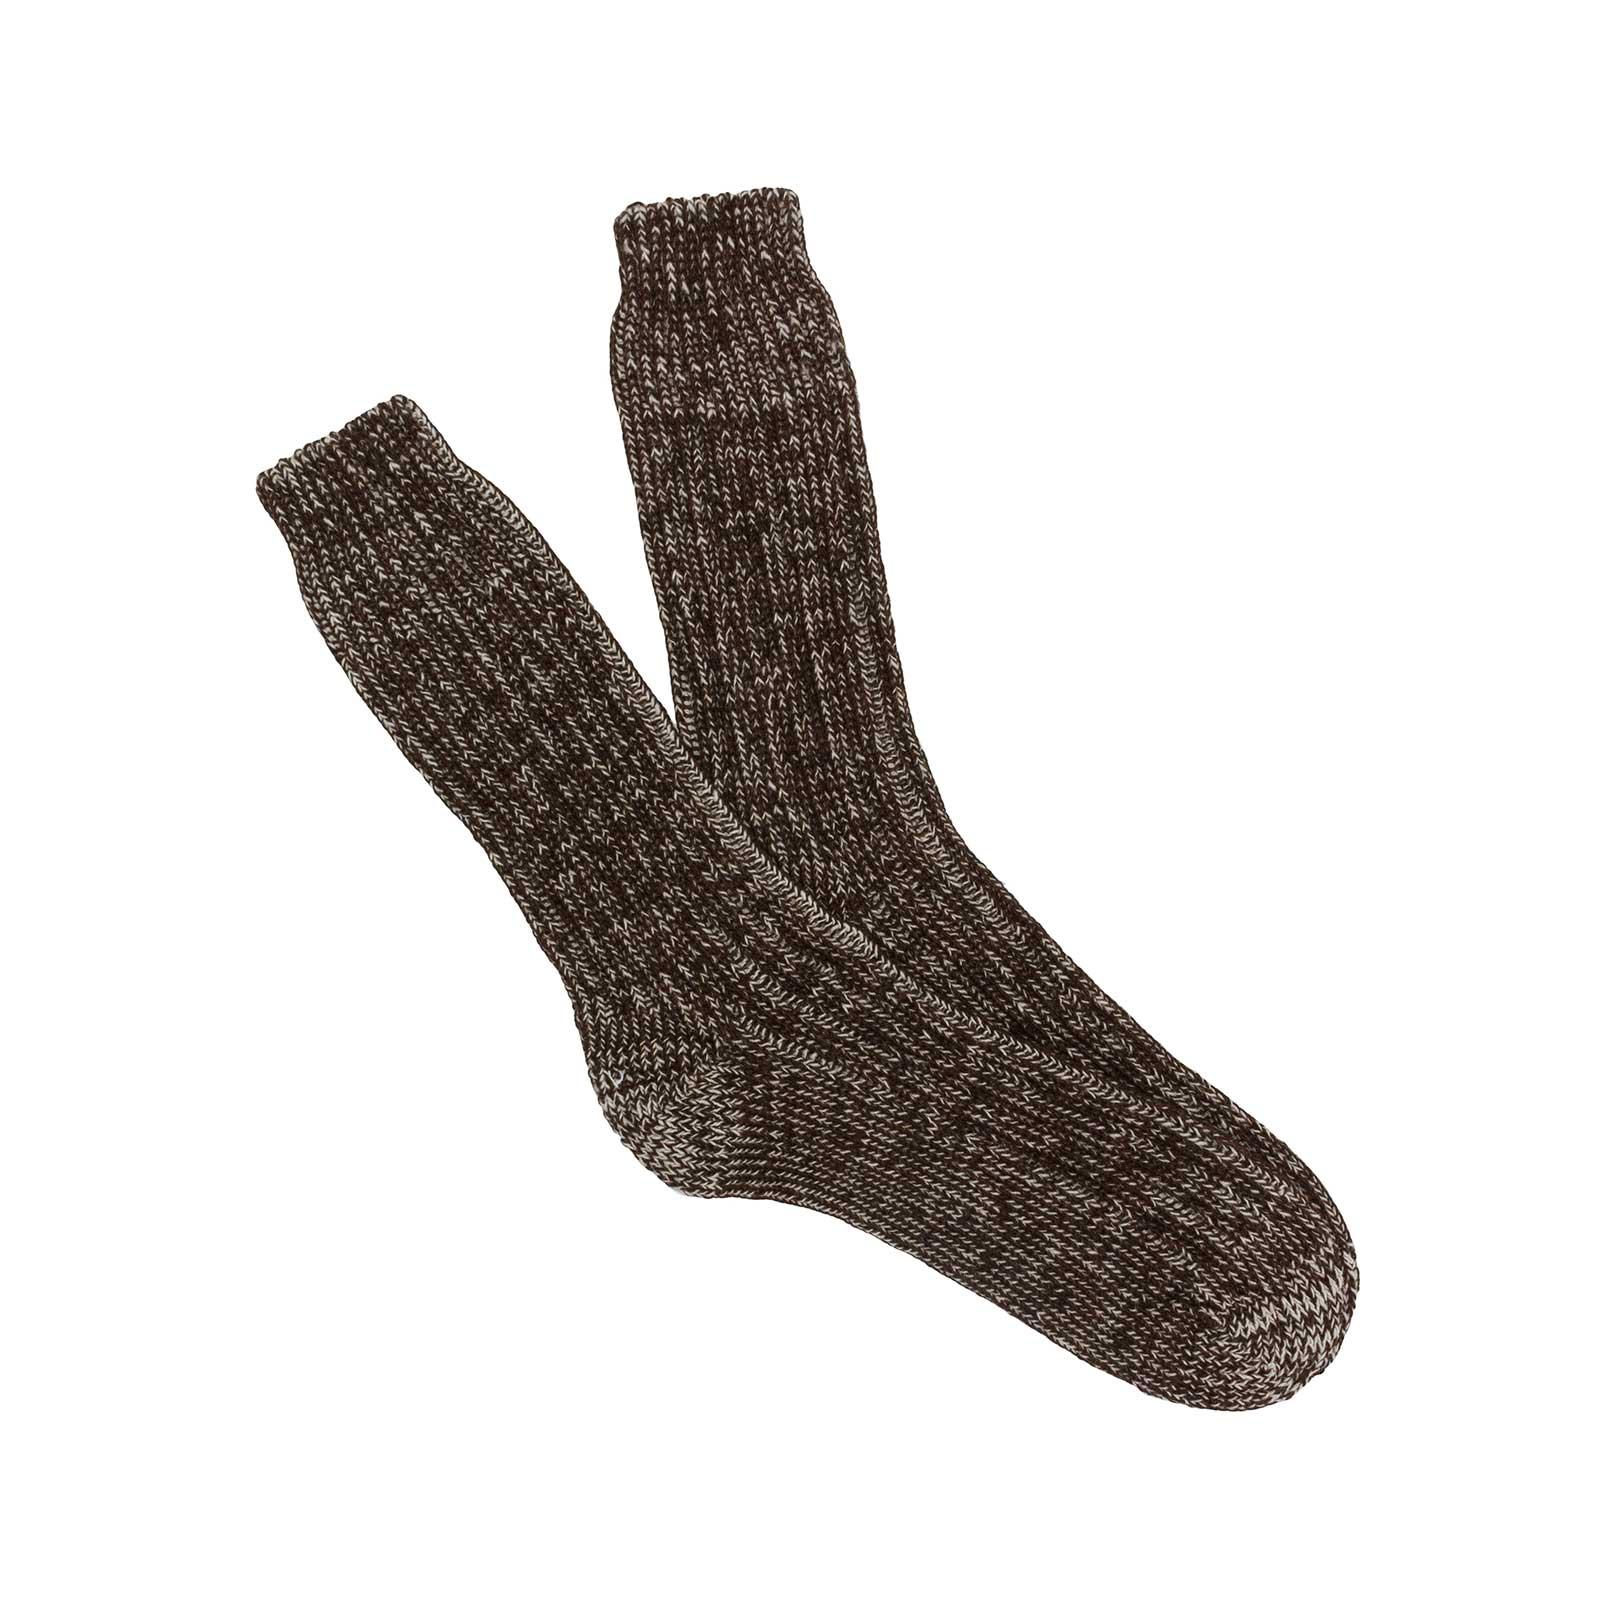 Calcetines de lana 100% merina autóctona - Cuida tus pies y tu salud